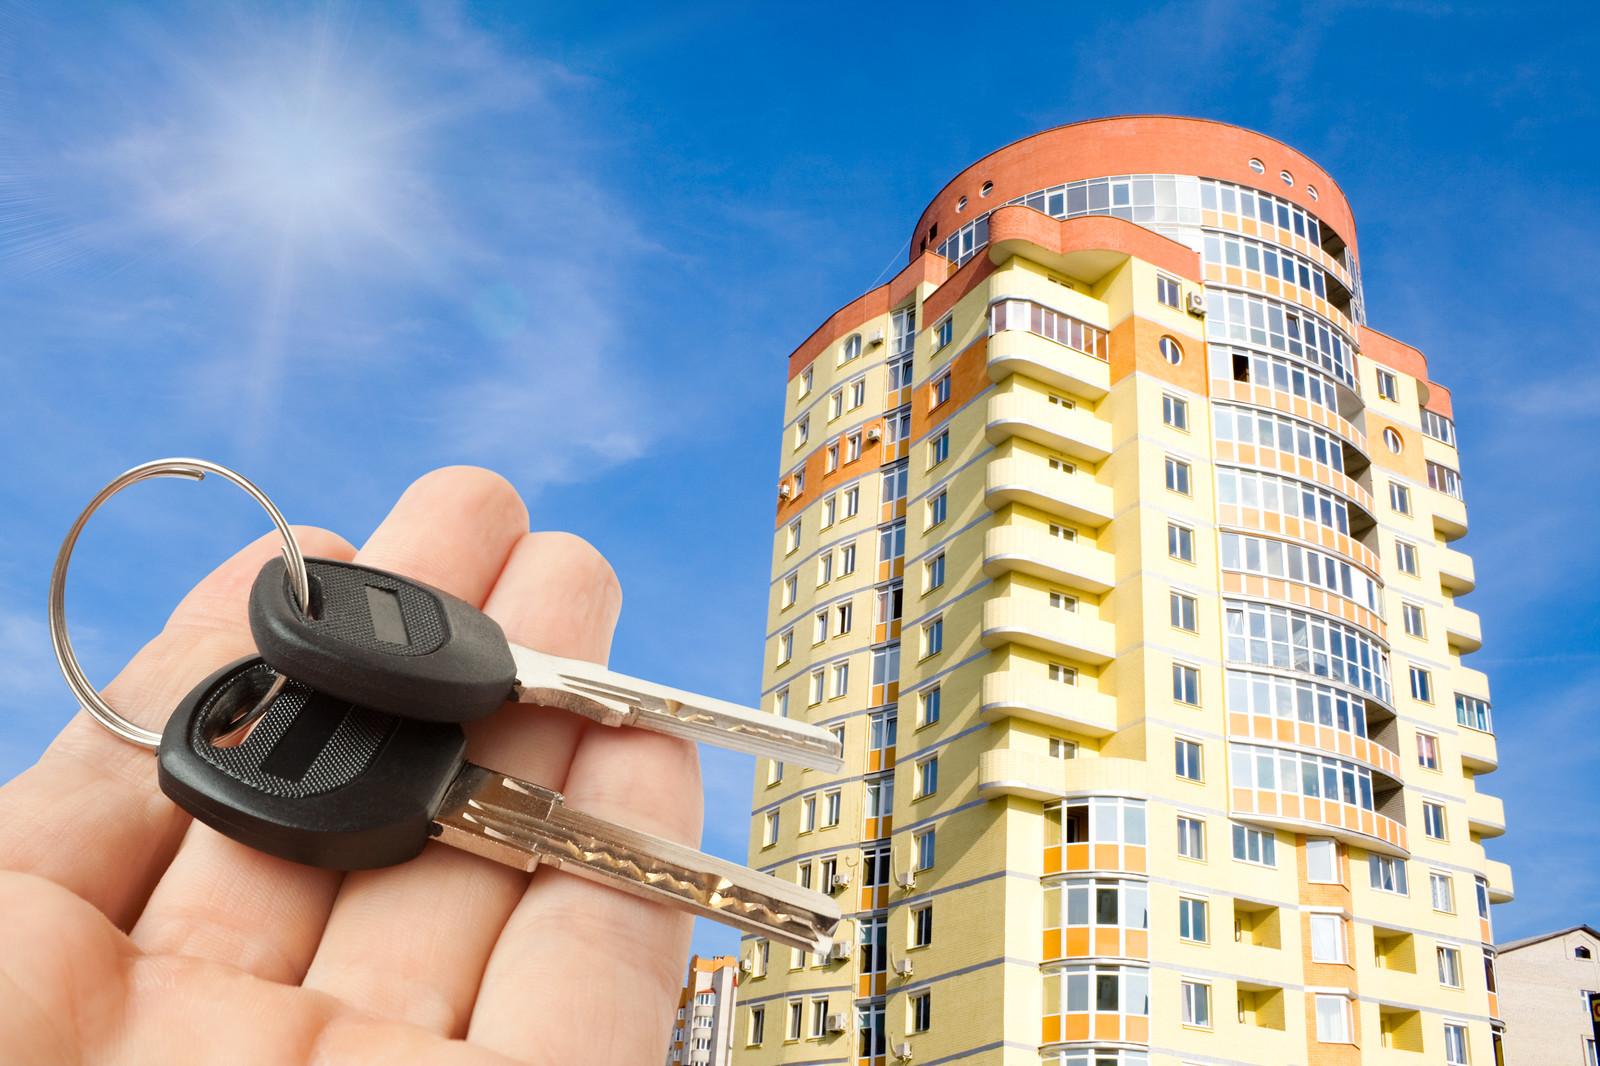 Вибір місця для проживання та переваги квартири